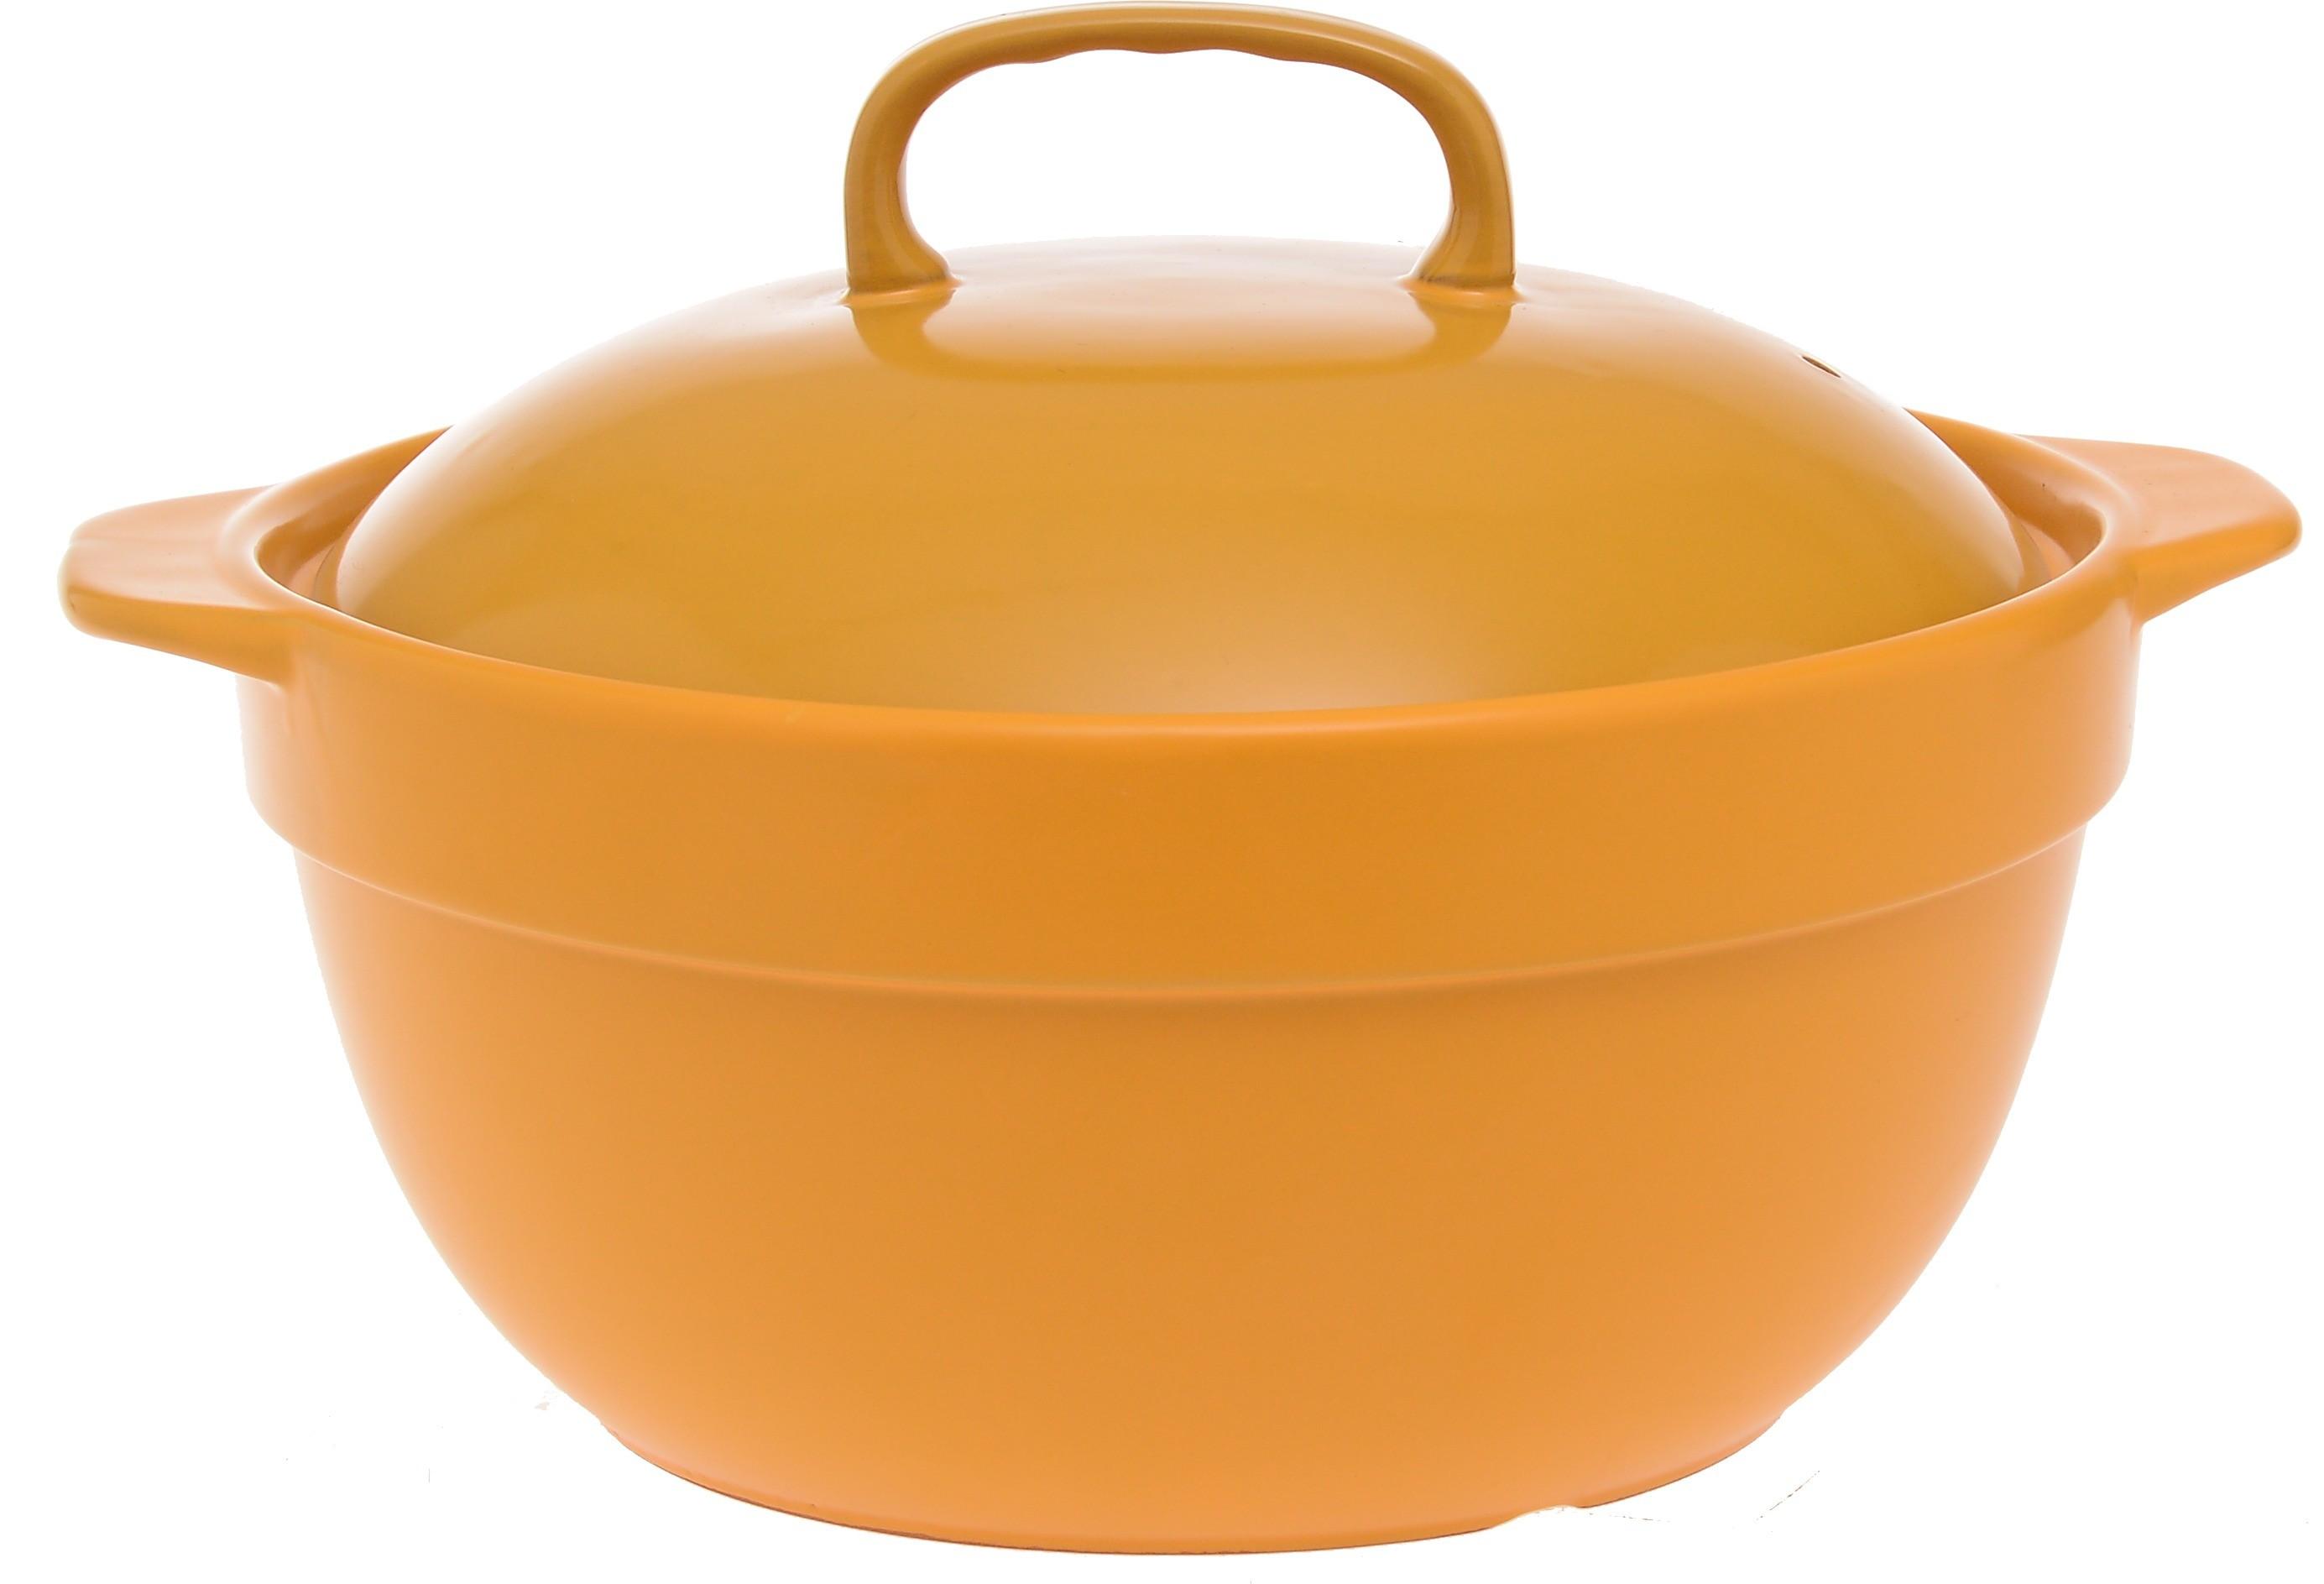 Κατσαρόλα Πυρίμαχη Home Design Κίτρινη home   σκευη μαγειρικης   κατσαρόλες χύτρες